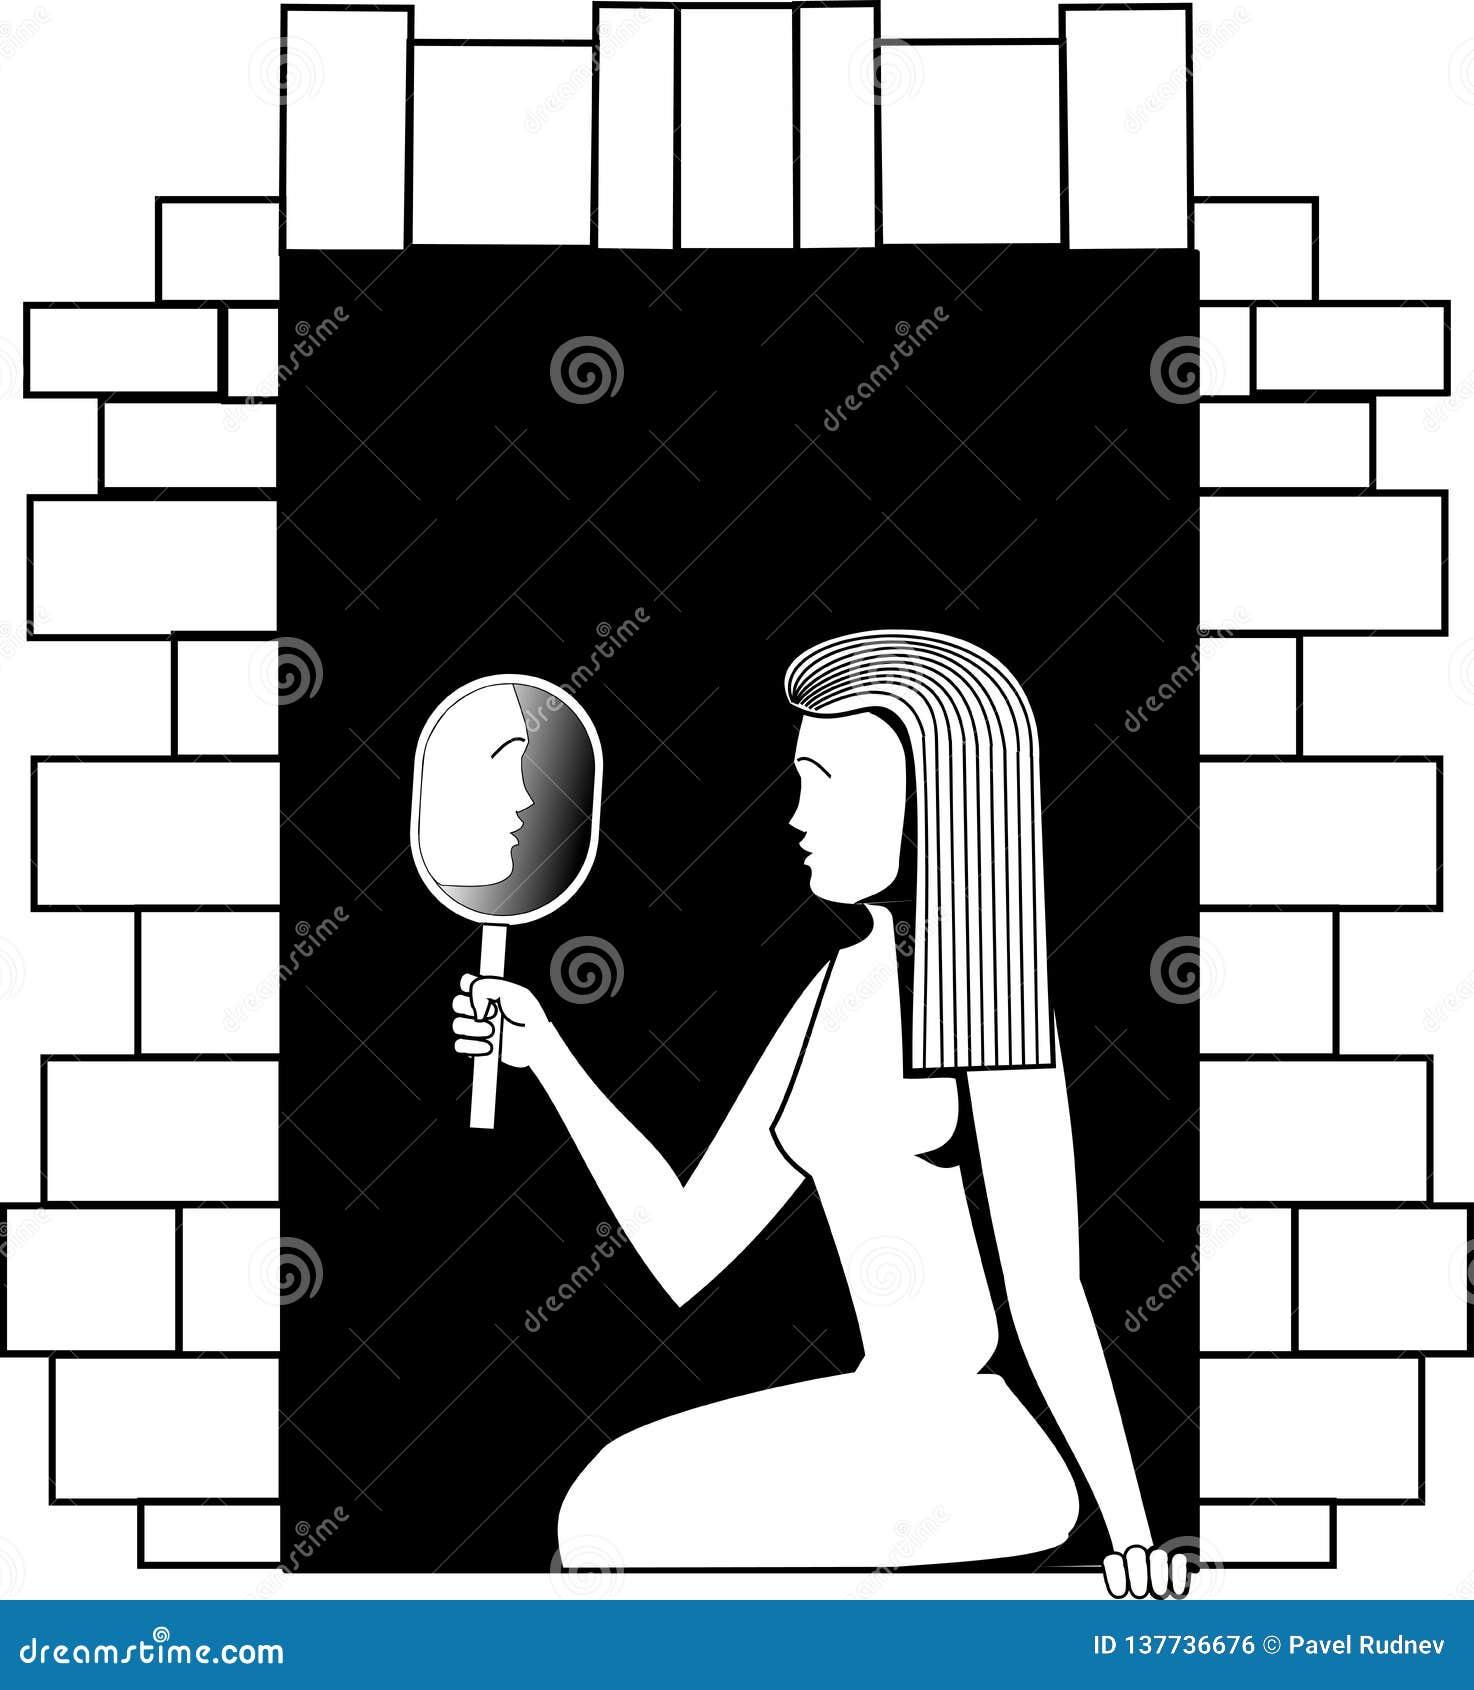 Svartvit vektorbild en flicka som sitter på ett fönster och ser i en spegel